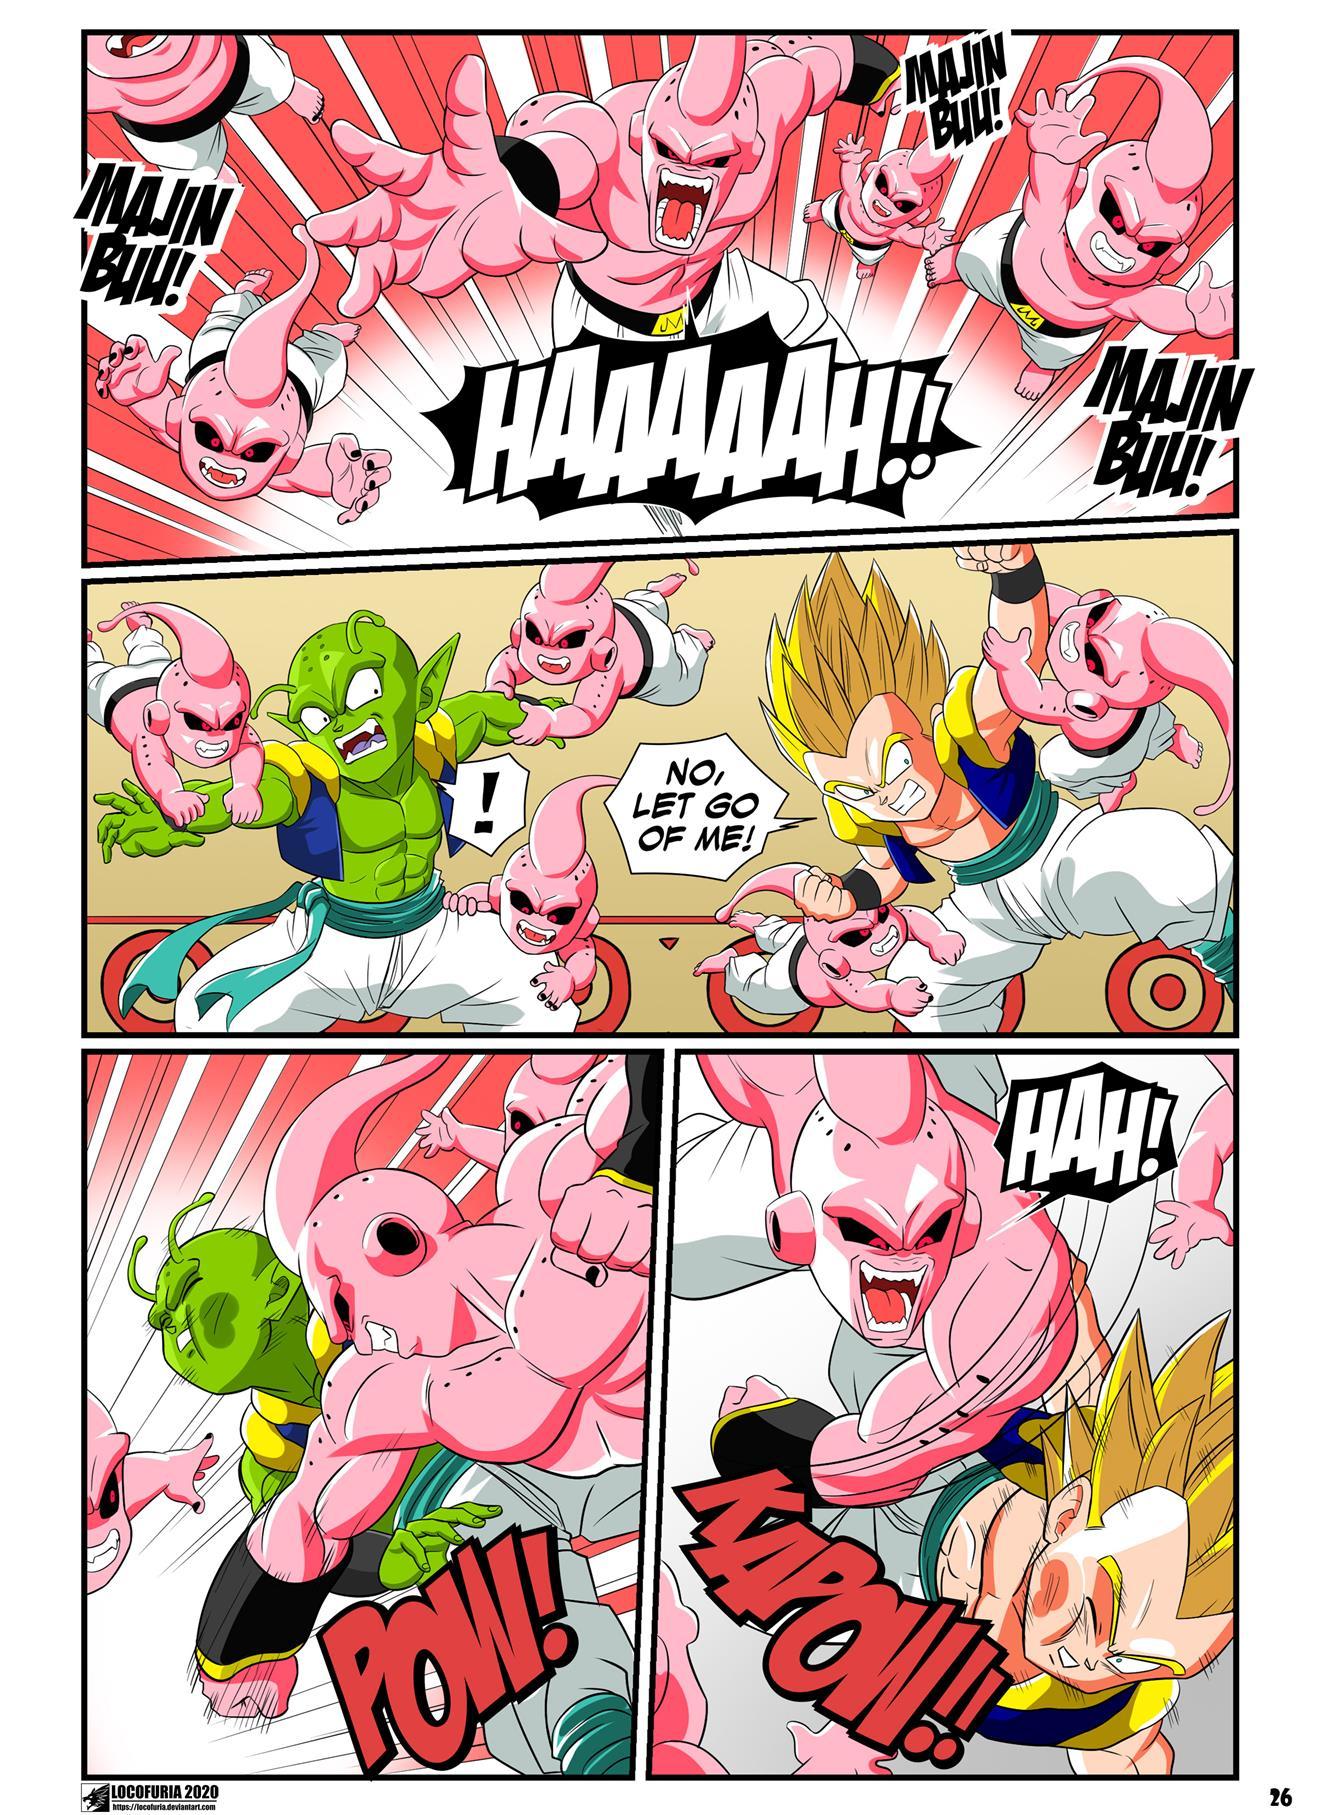 Buu's Bodies 5 - Final A (Dragon Ball Z) - Foto 28